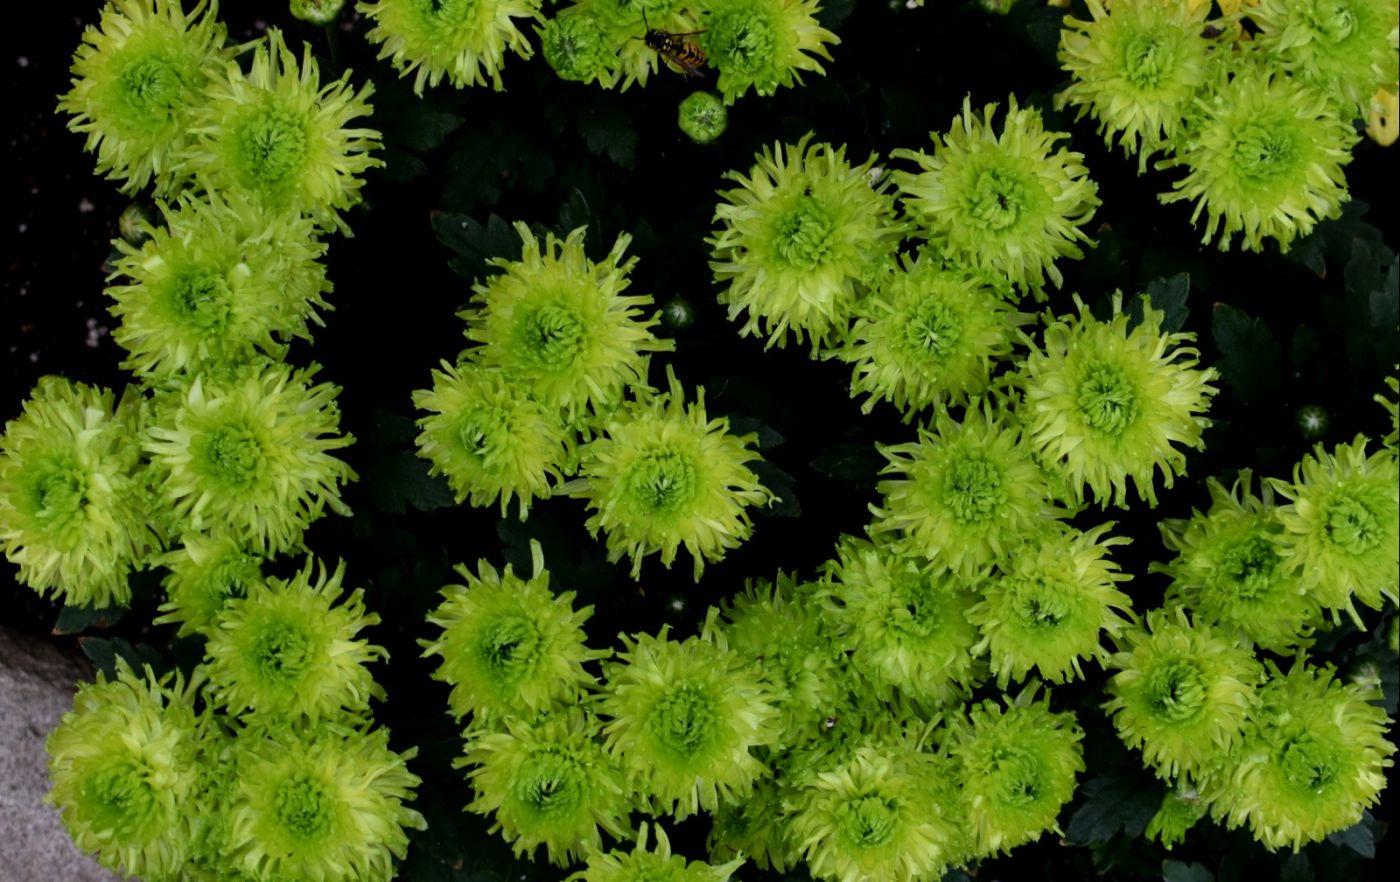 绿色菊花_图1-22